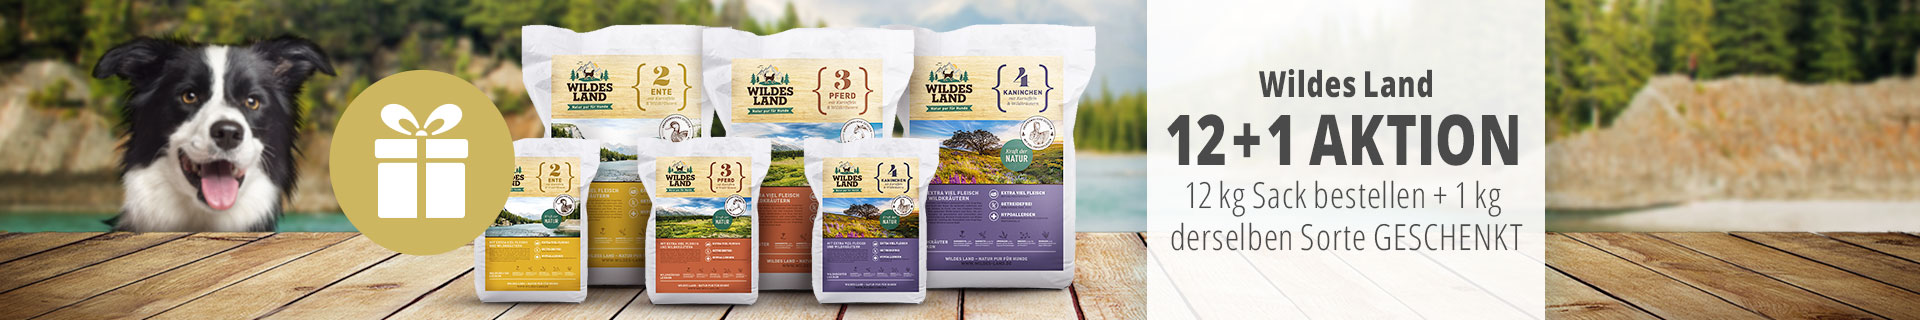 Wildes Land Hund - 12kg Trockenfuttersack bestellen & 1kg derselben Sorte geschenkt erhalten